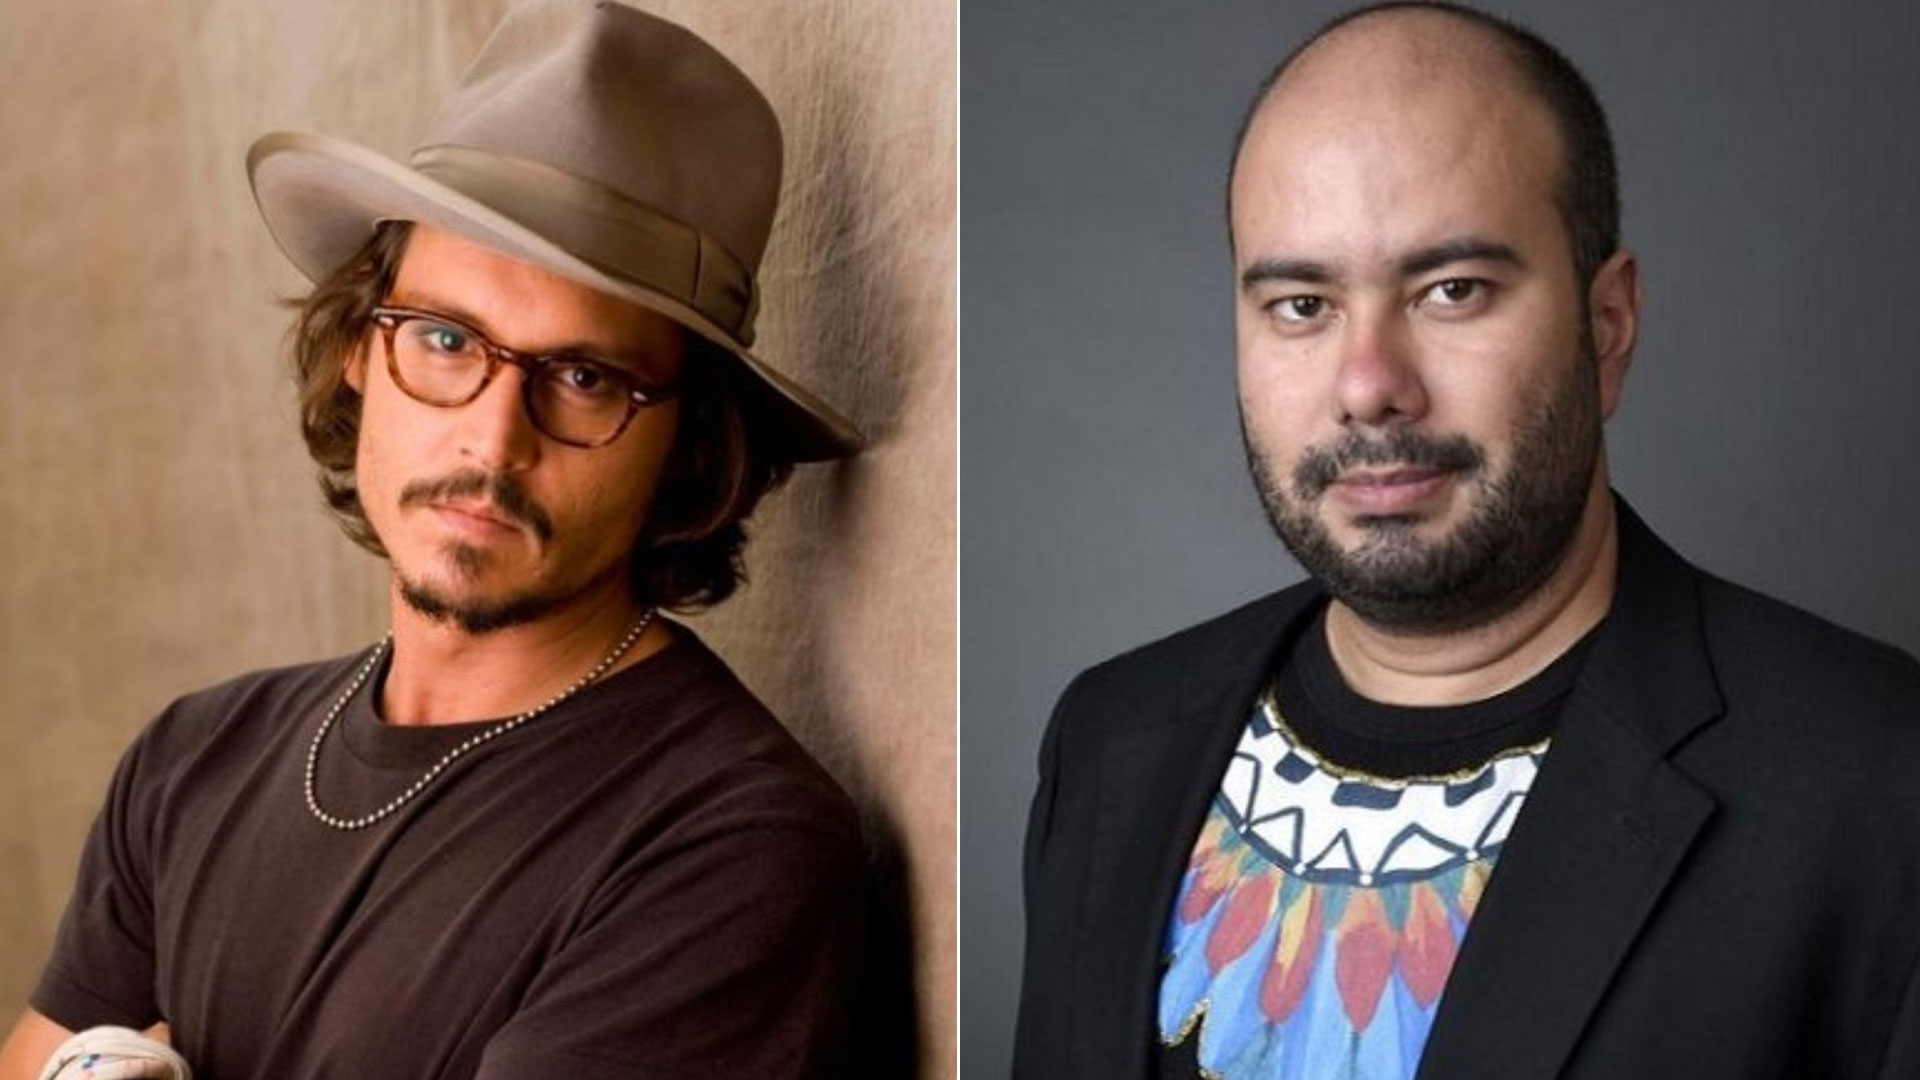 El actor Johnny Depp se ofreció para trabajar en la próxima película del director colombiano Ciro Guerra.